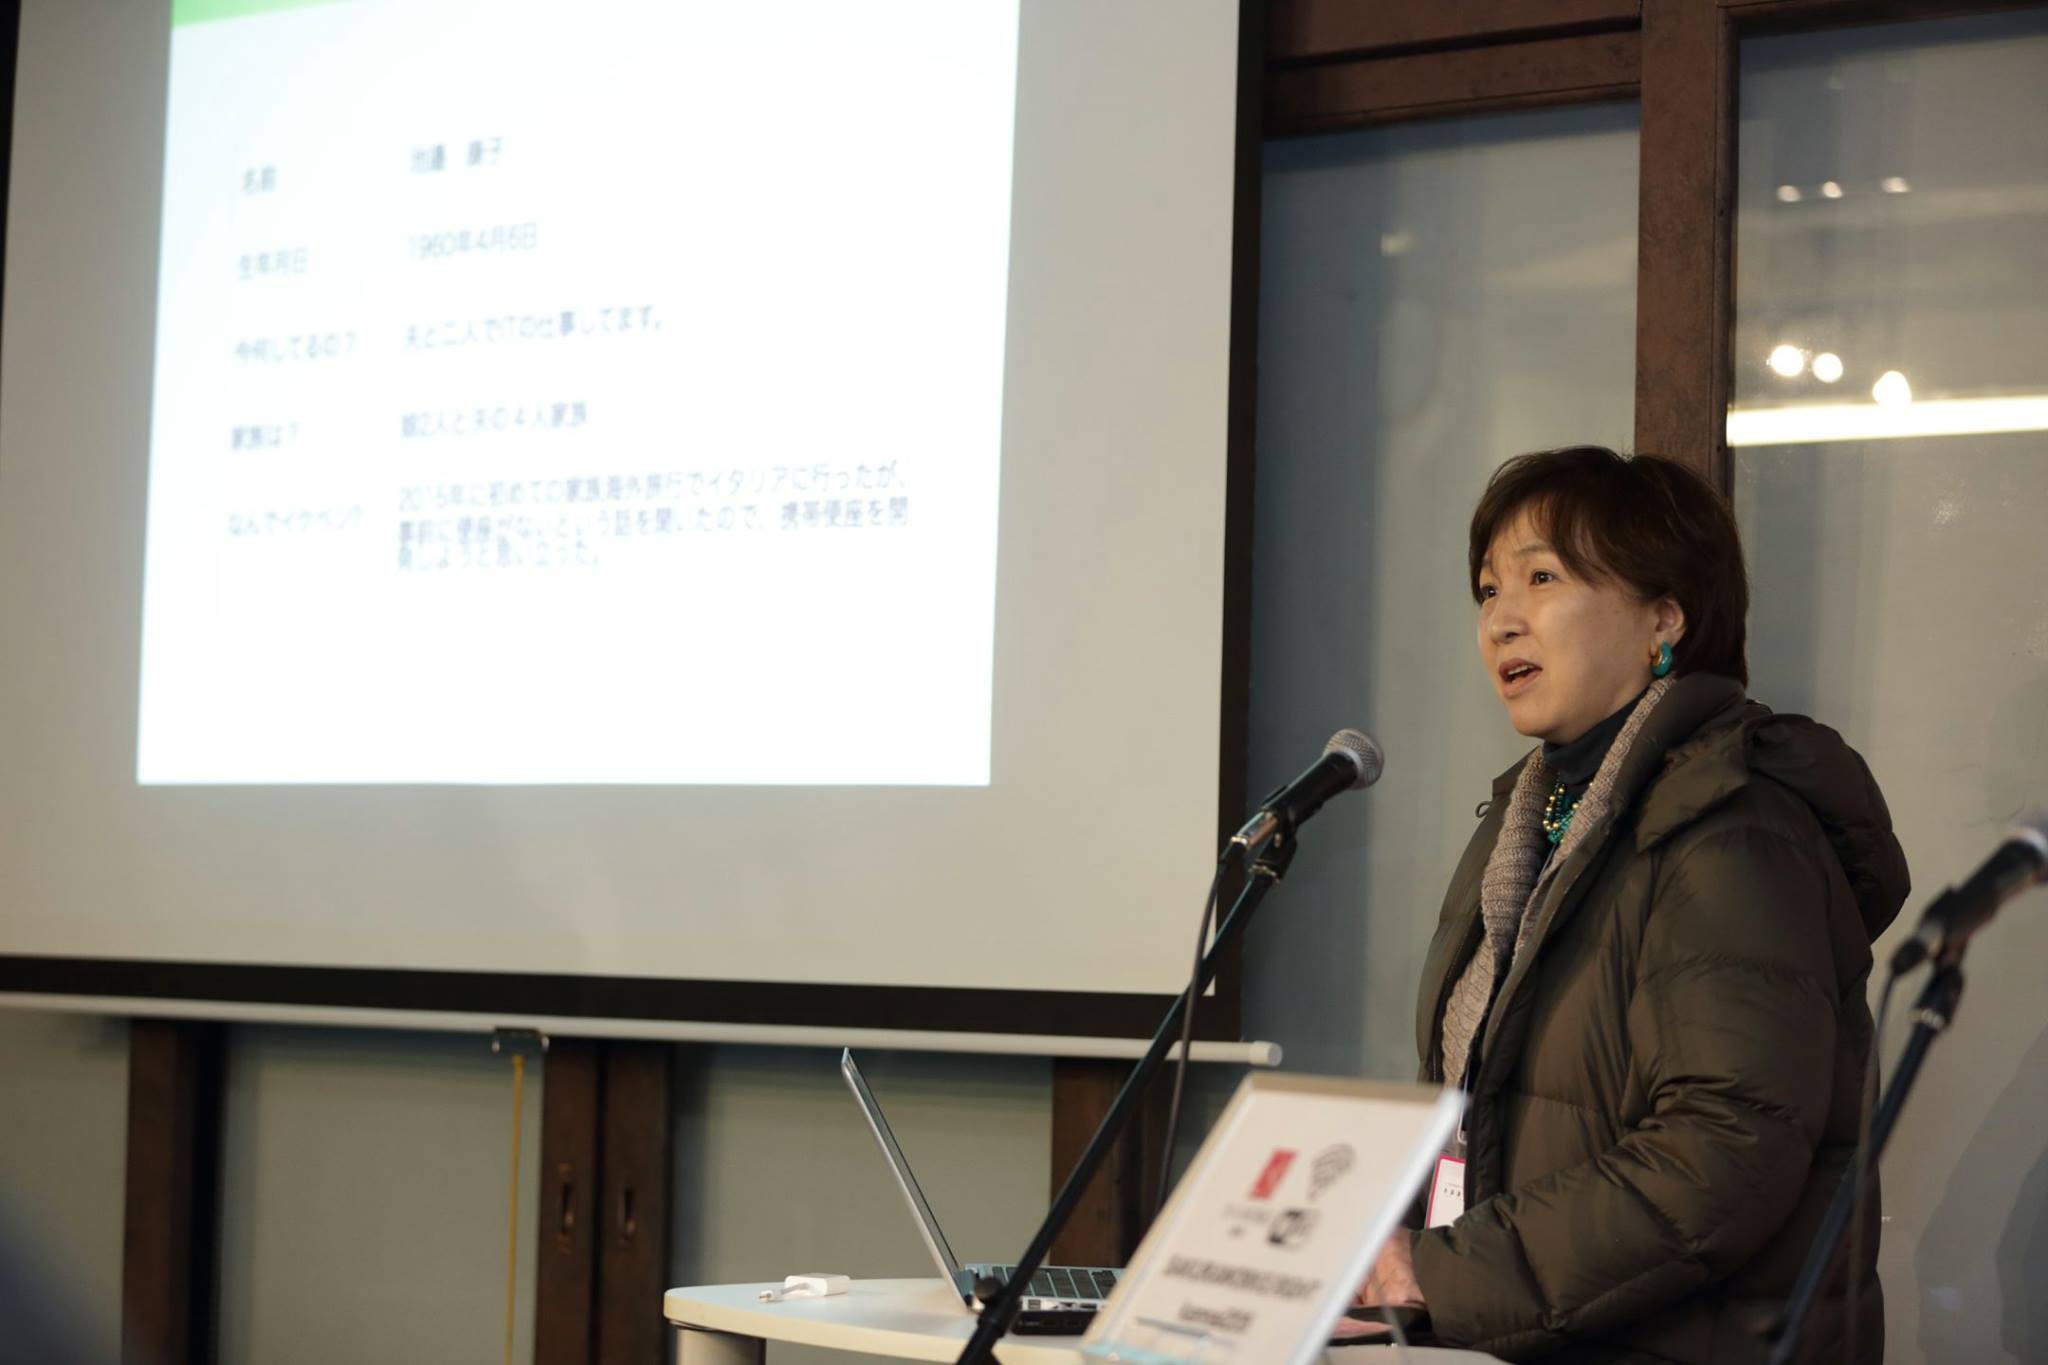 池邊康子さんのビジネスプラン発表の様子